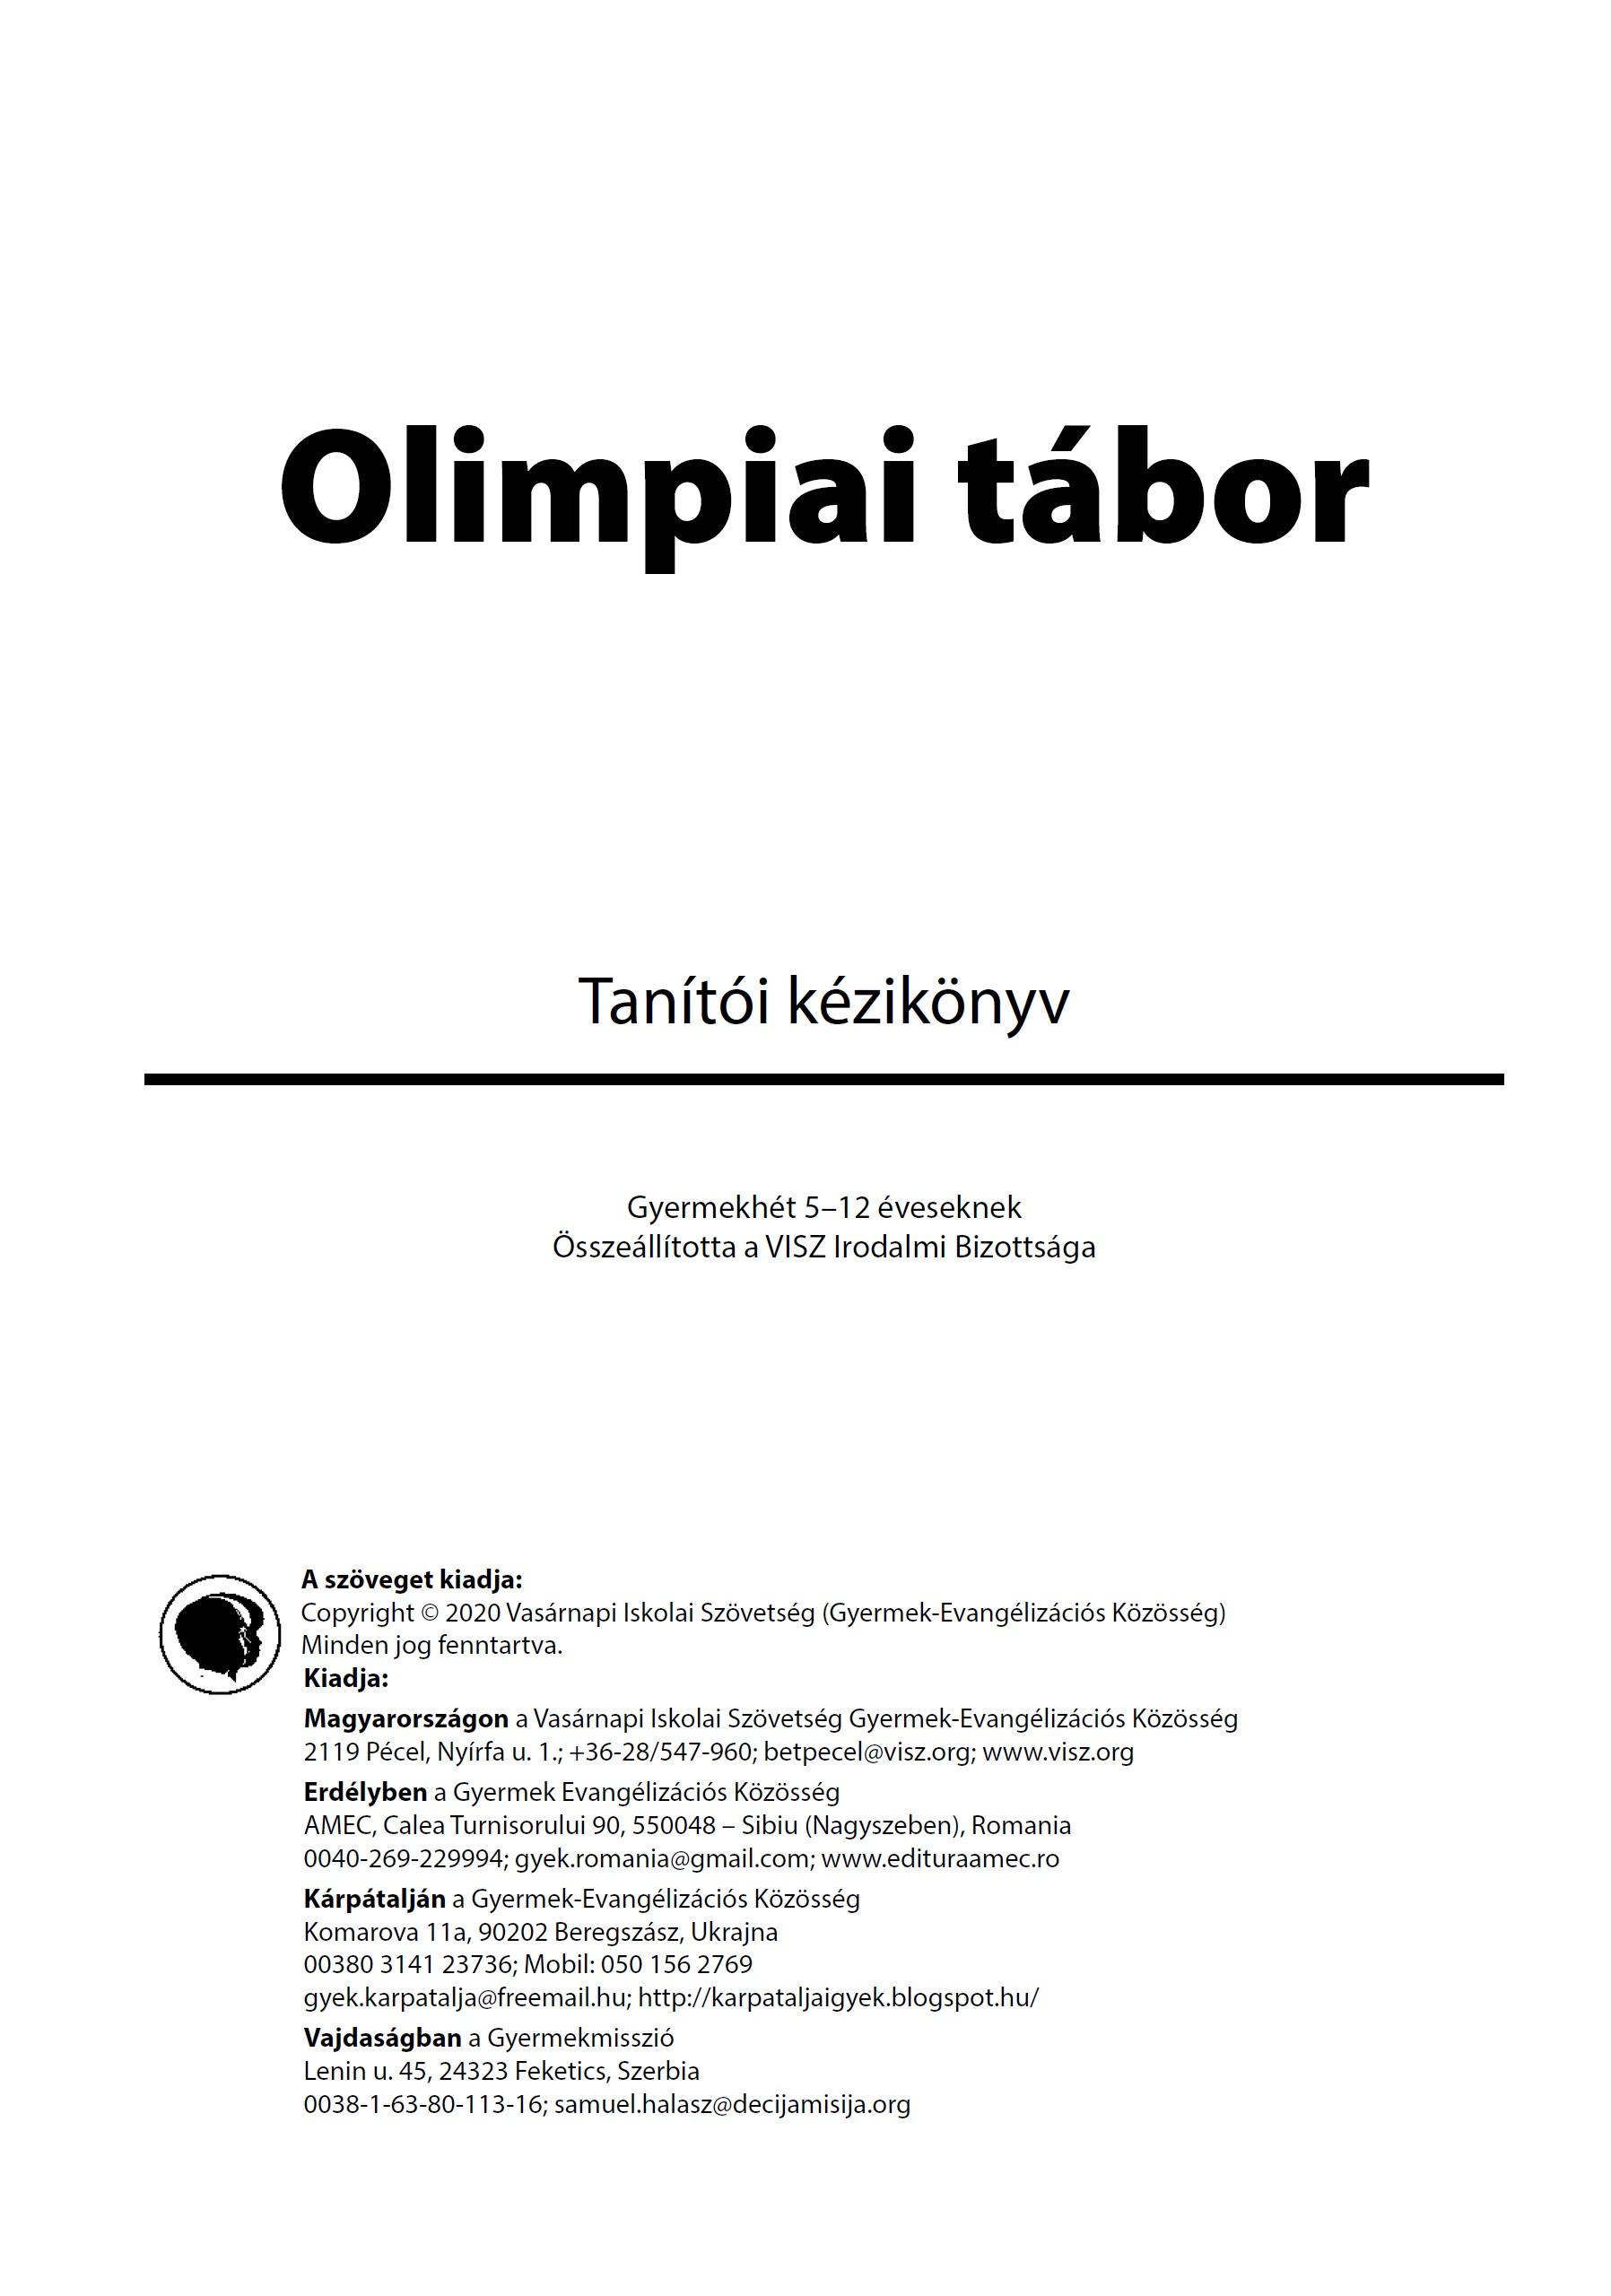 Olipiai tabor 2020 szvgk